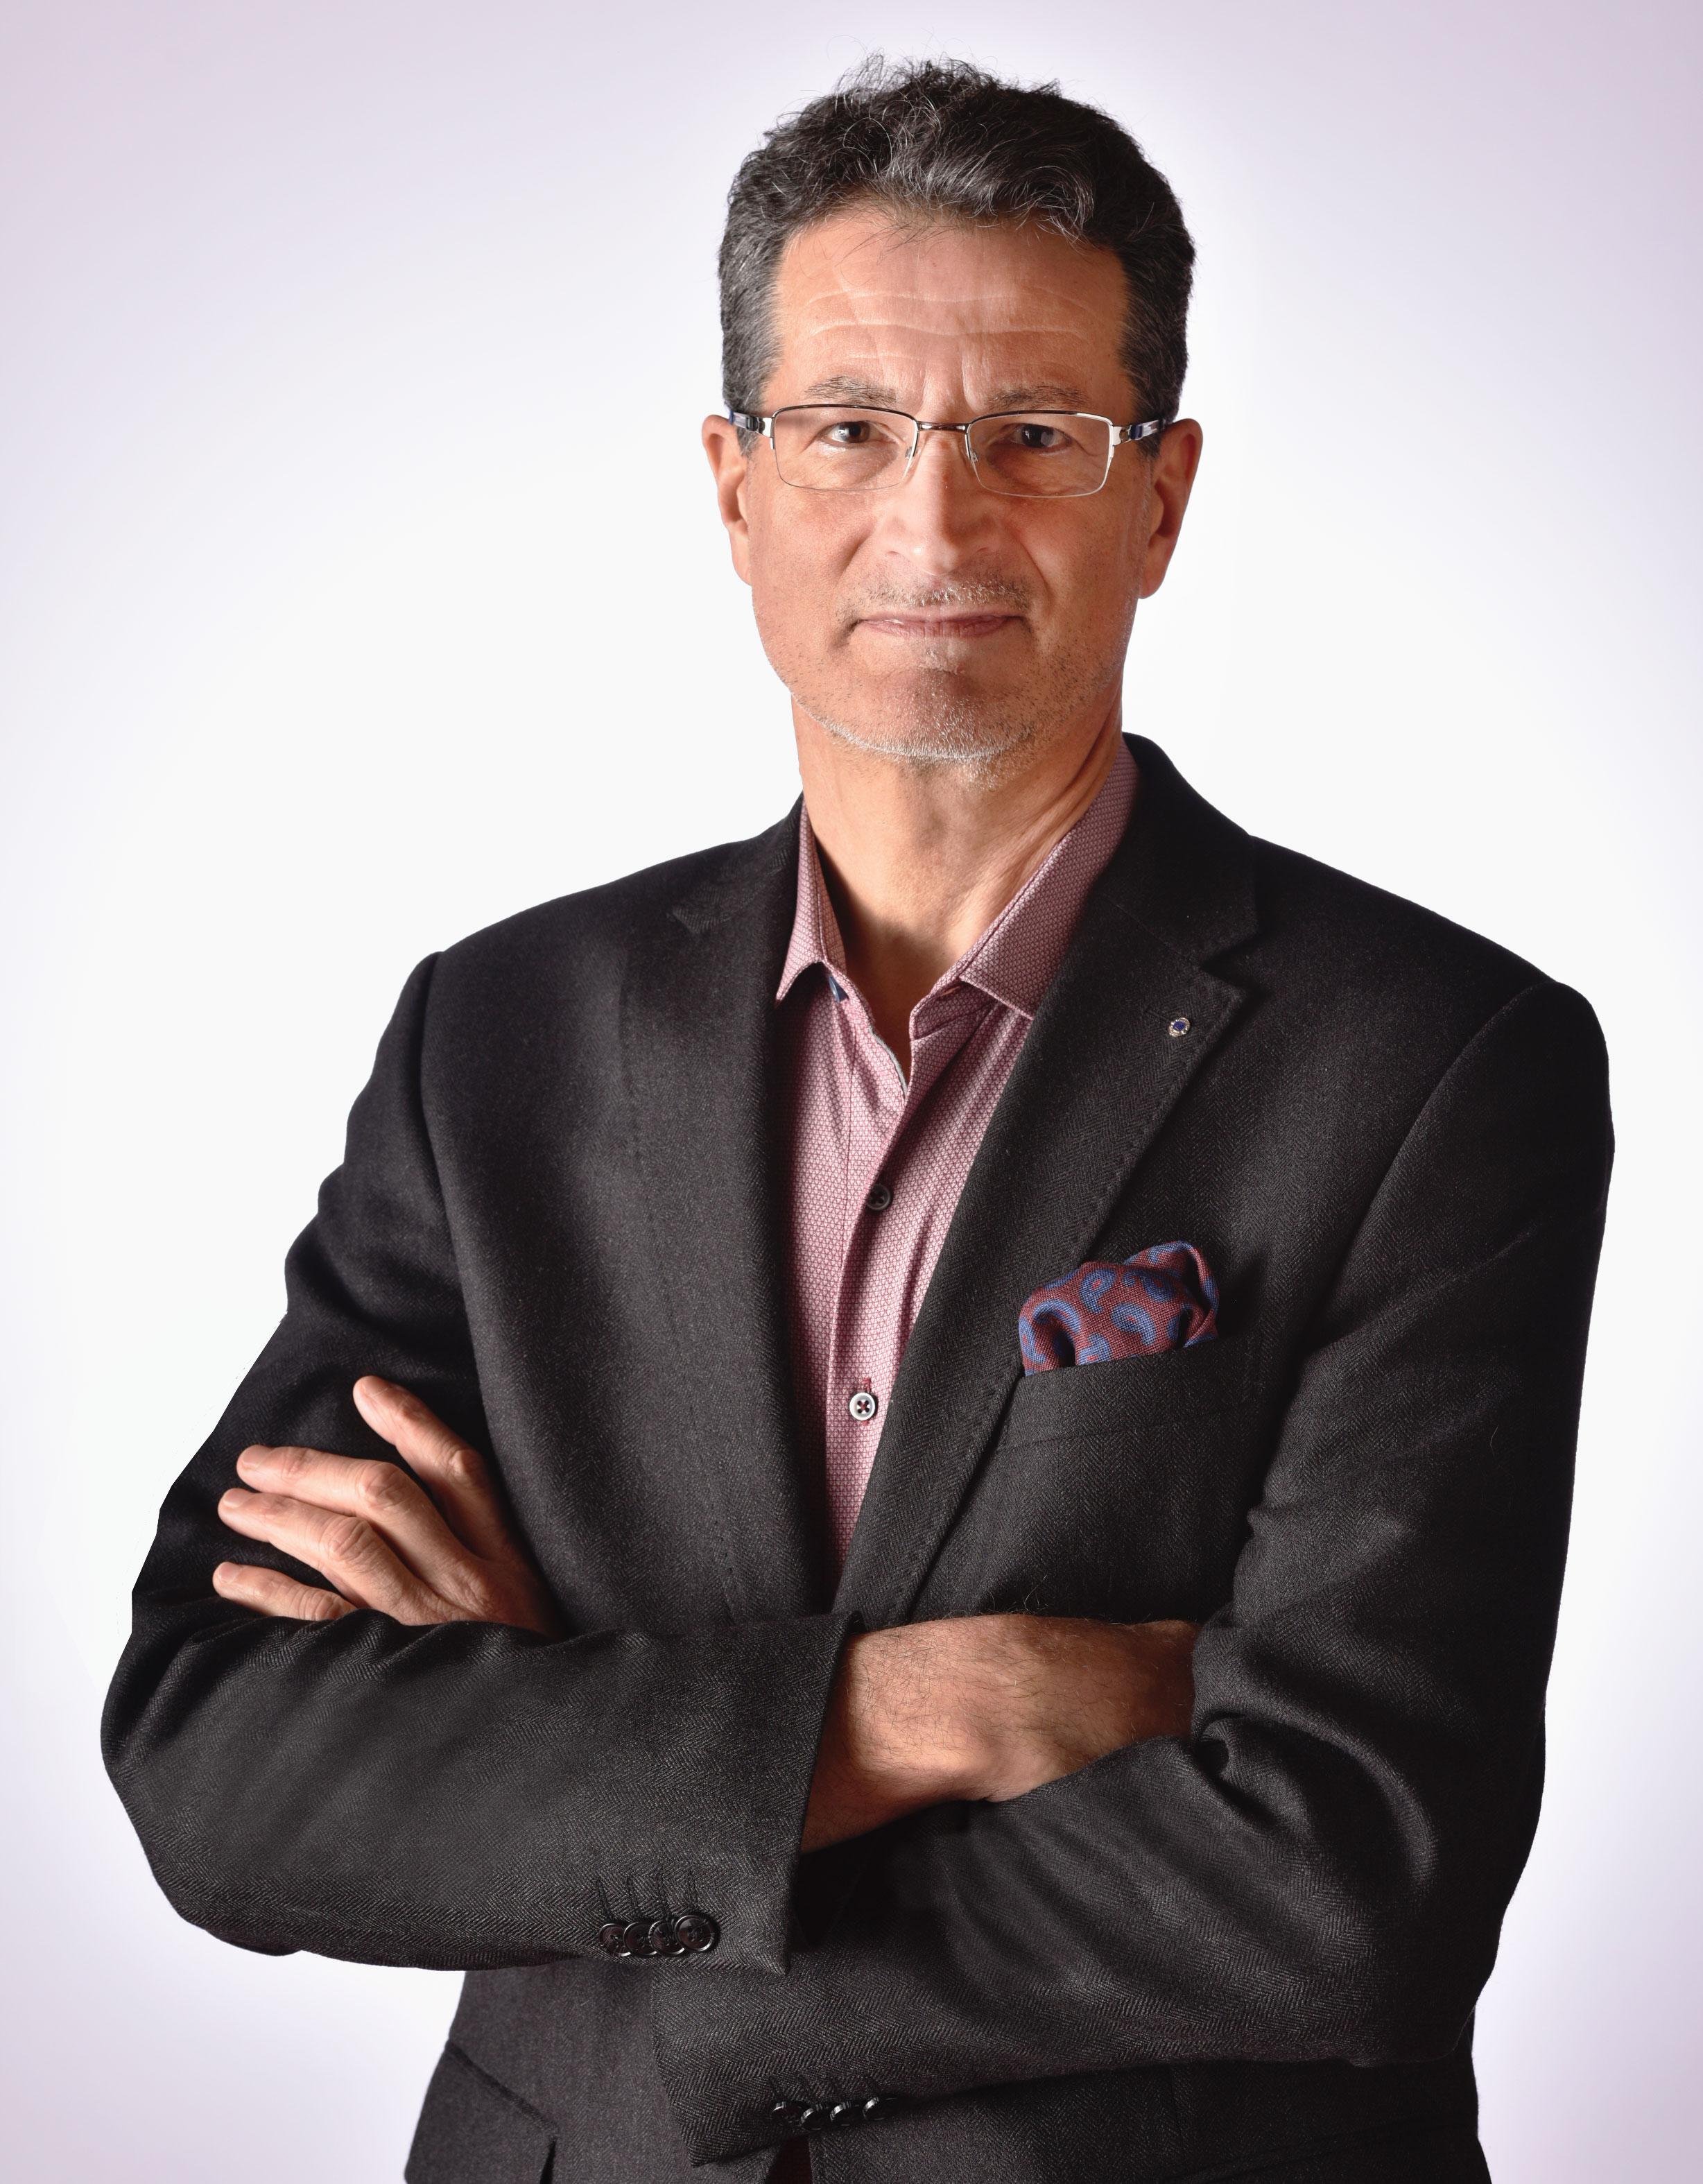 Pulsion, agence de communication, Alain Ciocca, Fondateur et conseil en communication